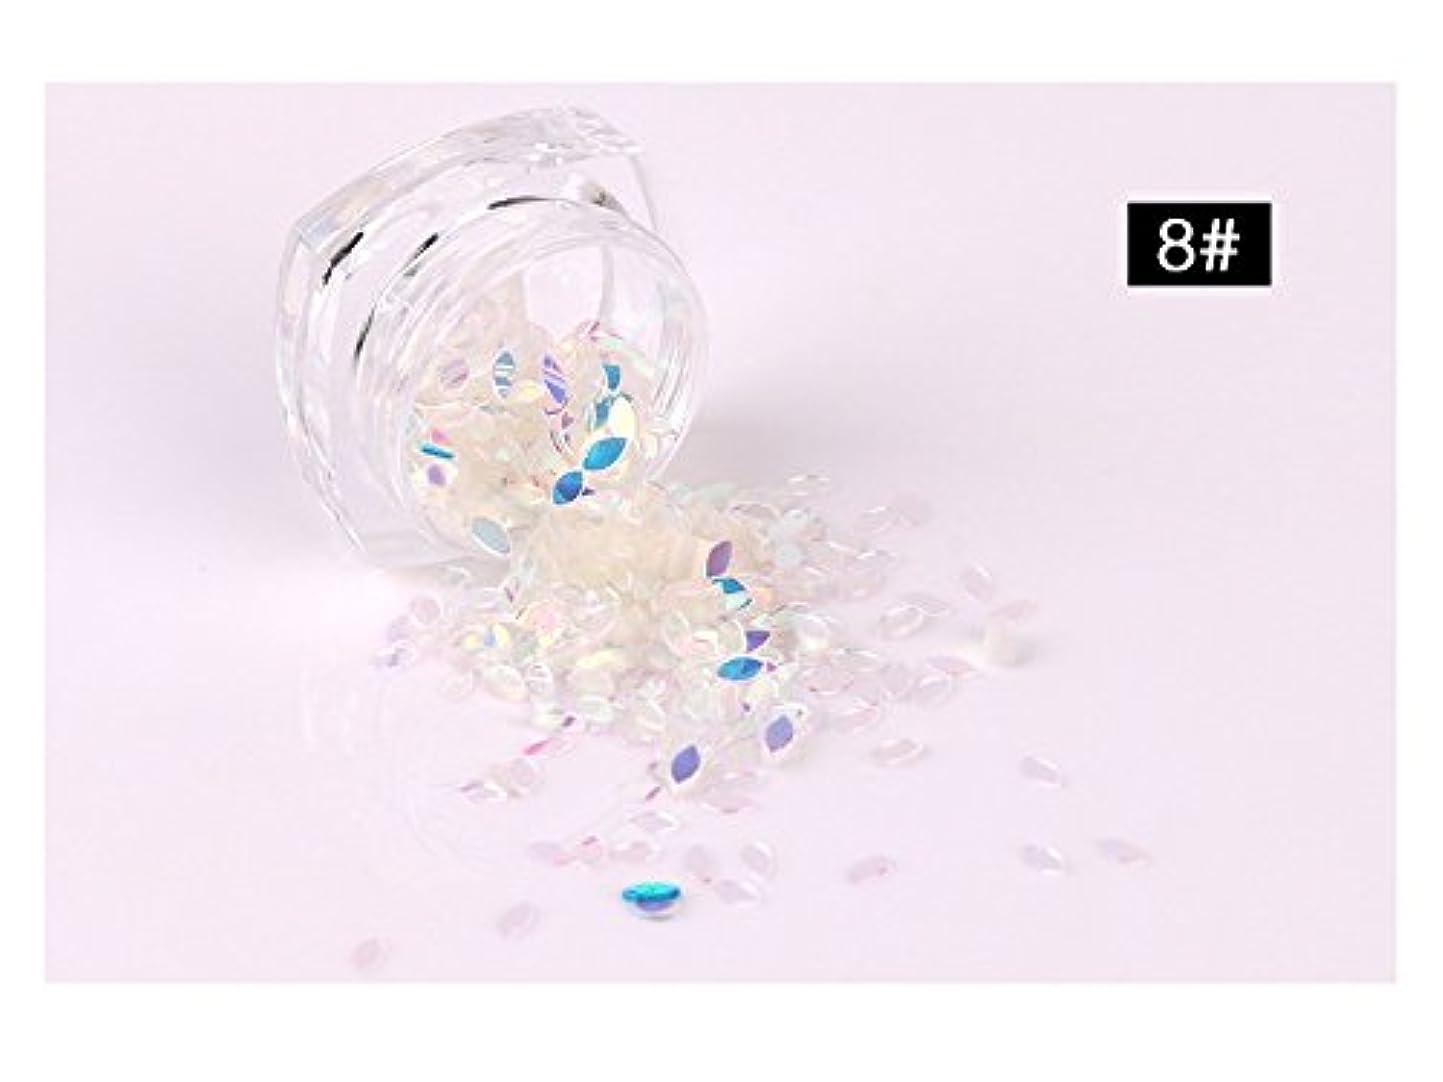 変装したオープナーセグメントOsize クリアアクリル宝石馬アイ形状チェッカーカットアクリルフラットバックラインストーンスクラップブックネイルアート工芸ネイルアート装飾(白)